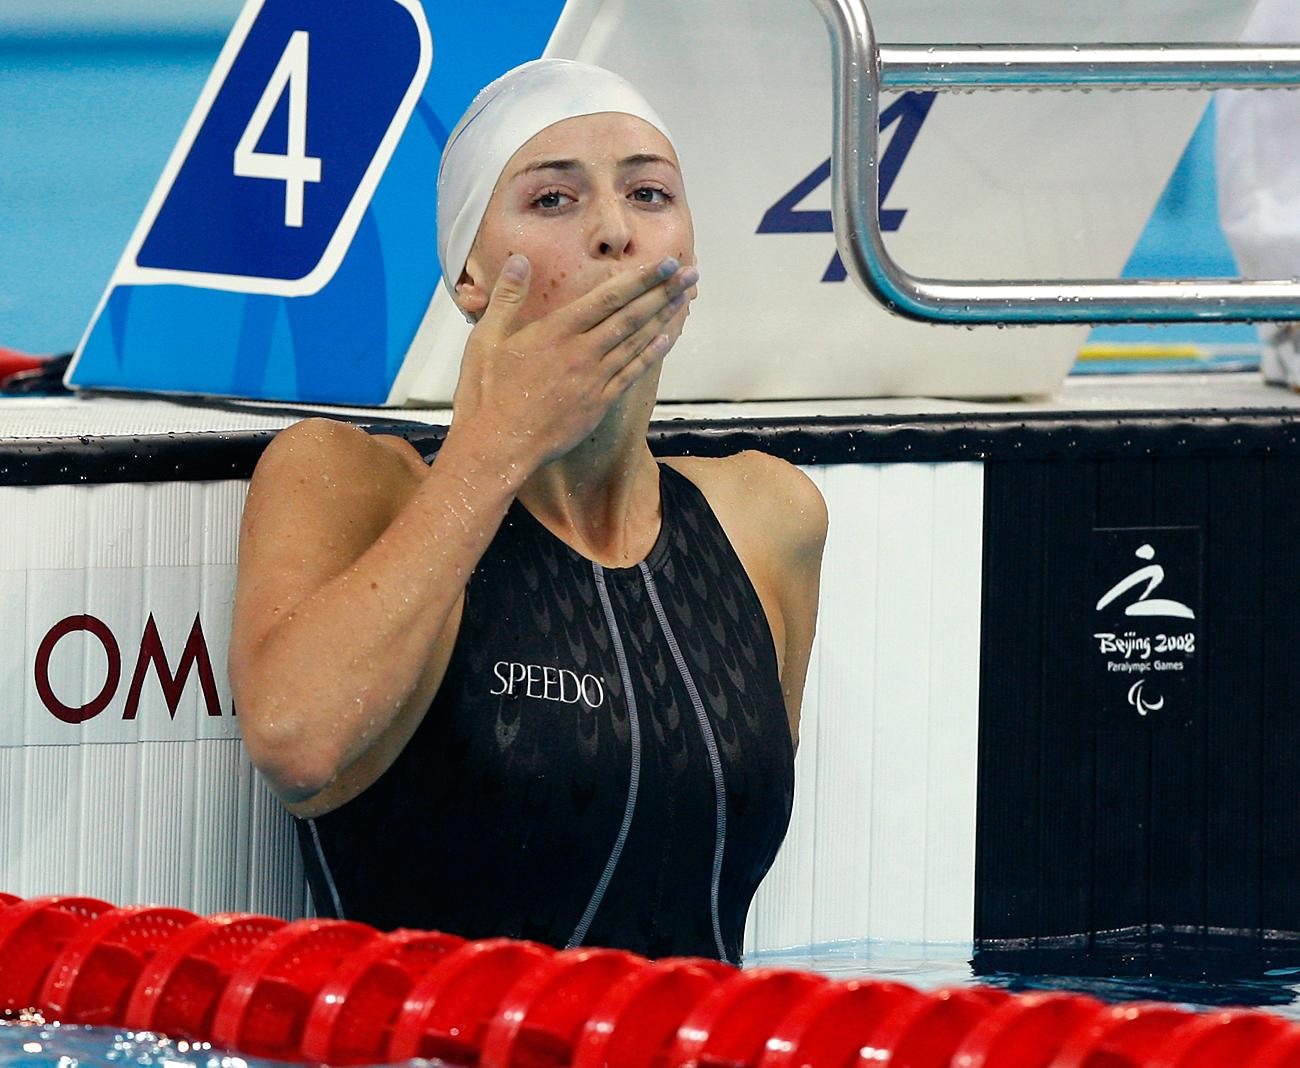 Die zweifache Paralympic-Siegerin im Schwimmen Olesja Wladykina ist eine der wenigen russischen Behindertensportler, die noch auf die individuelle Starterlaubnis für Rio hoffen darf.